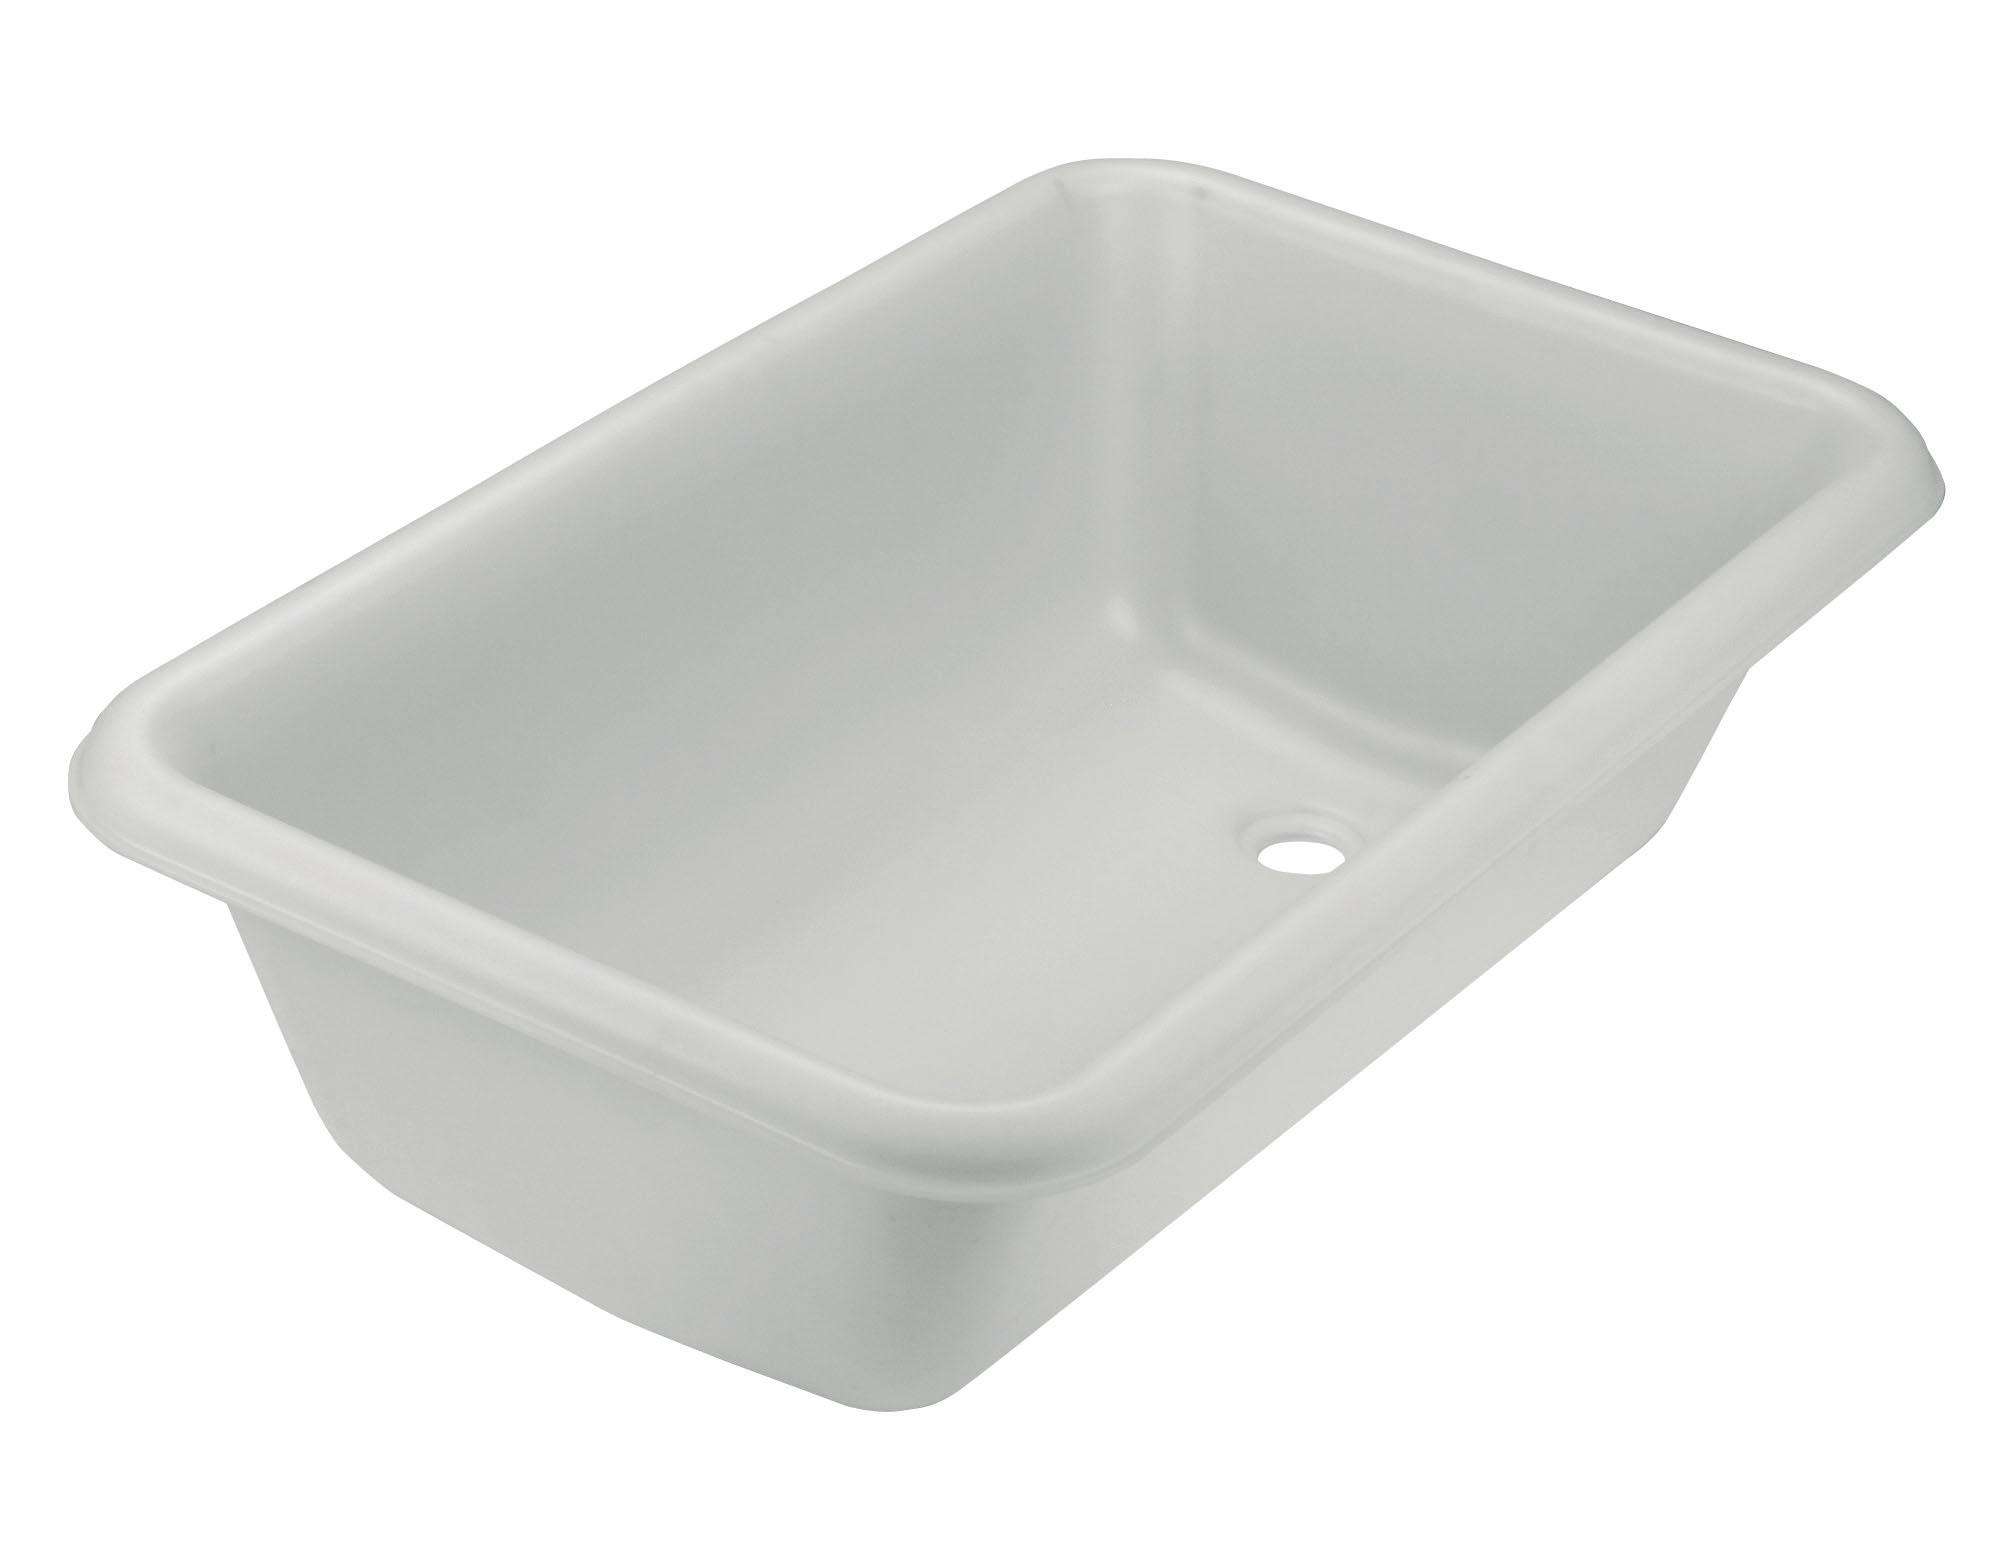 Sp lwanne aus kunststoff land warenhaus for Kunststoff waschbecken